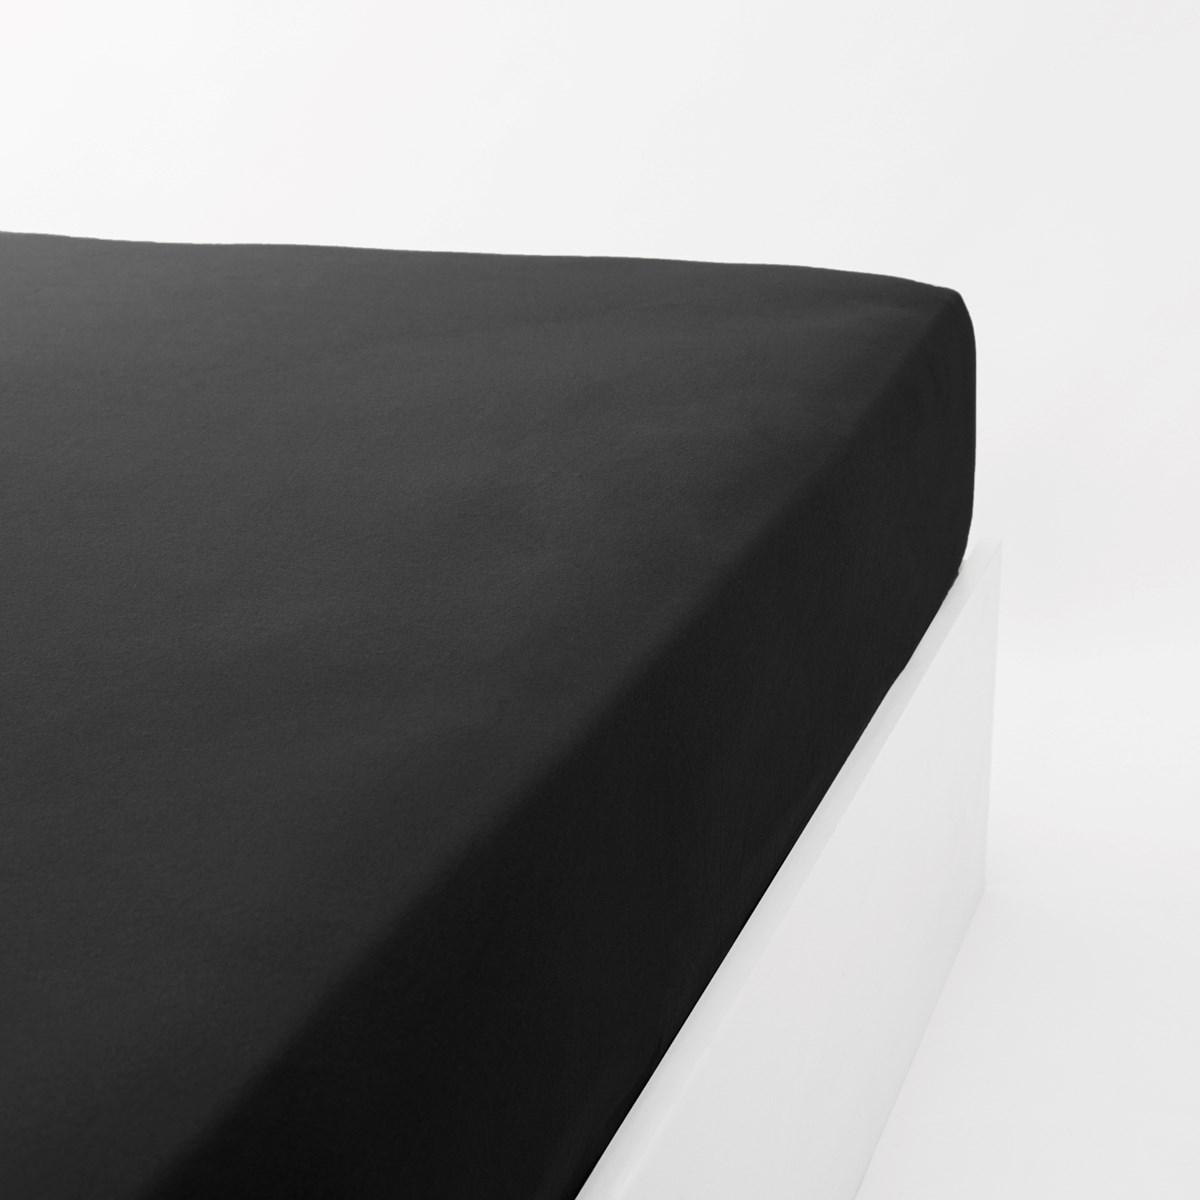 Drap housse jersey extensible en coton noir 120x200 cm